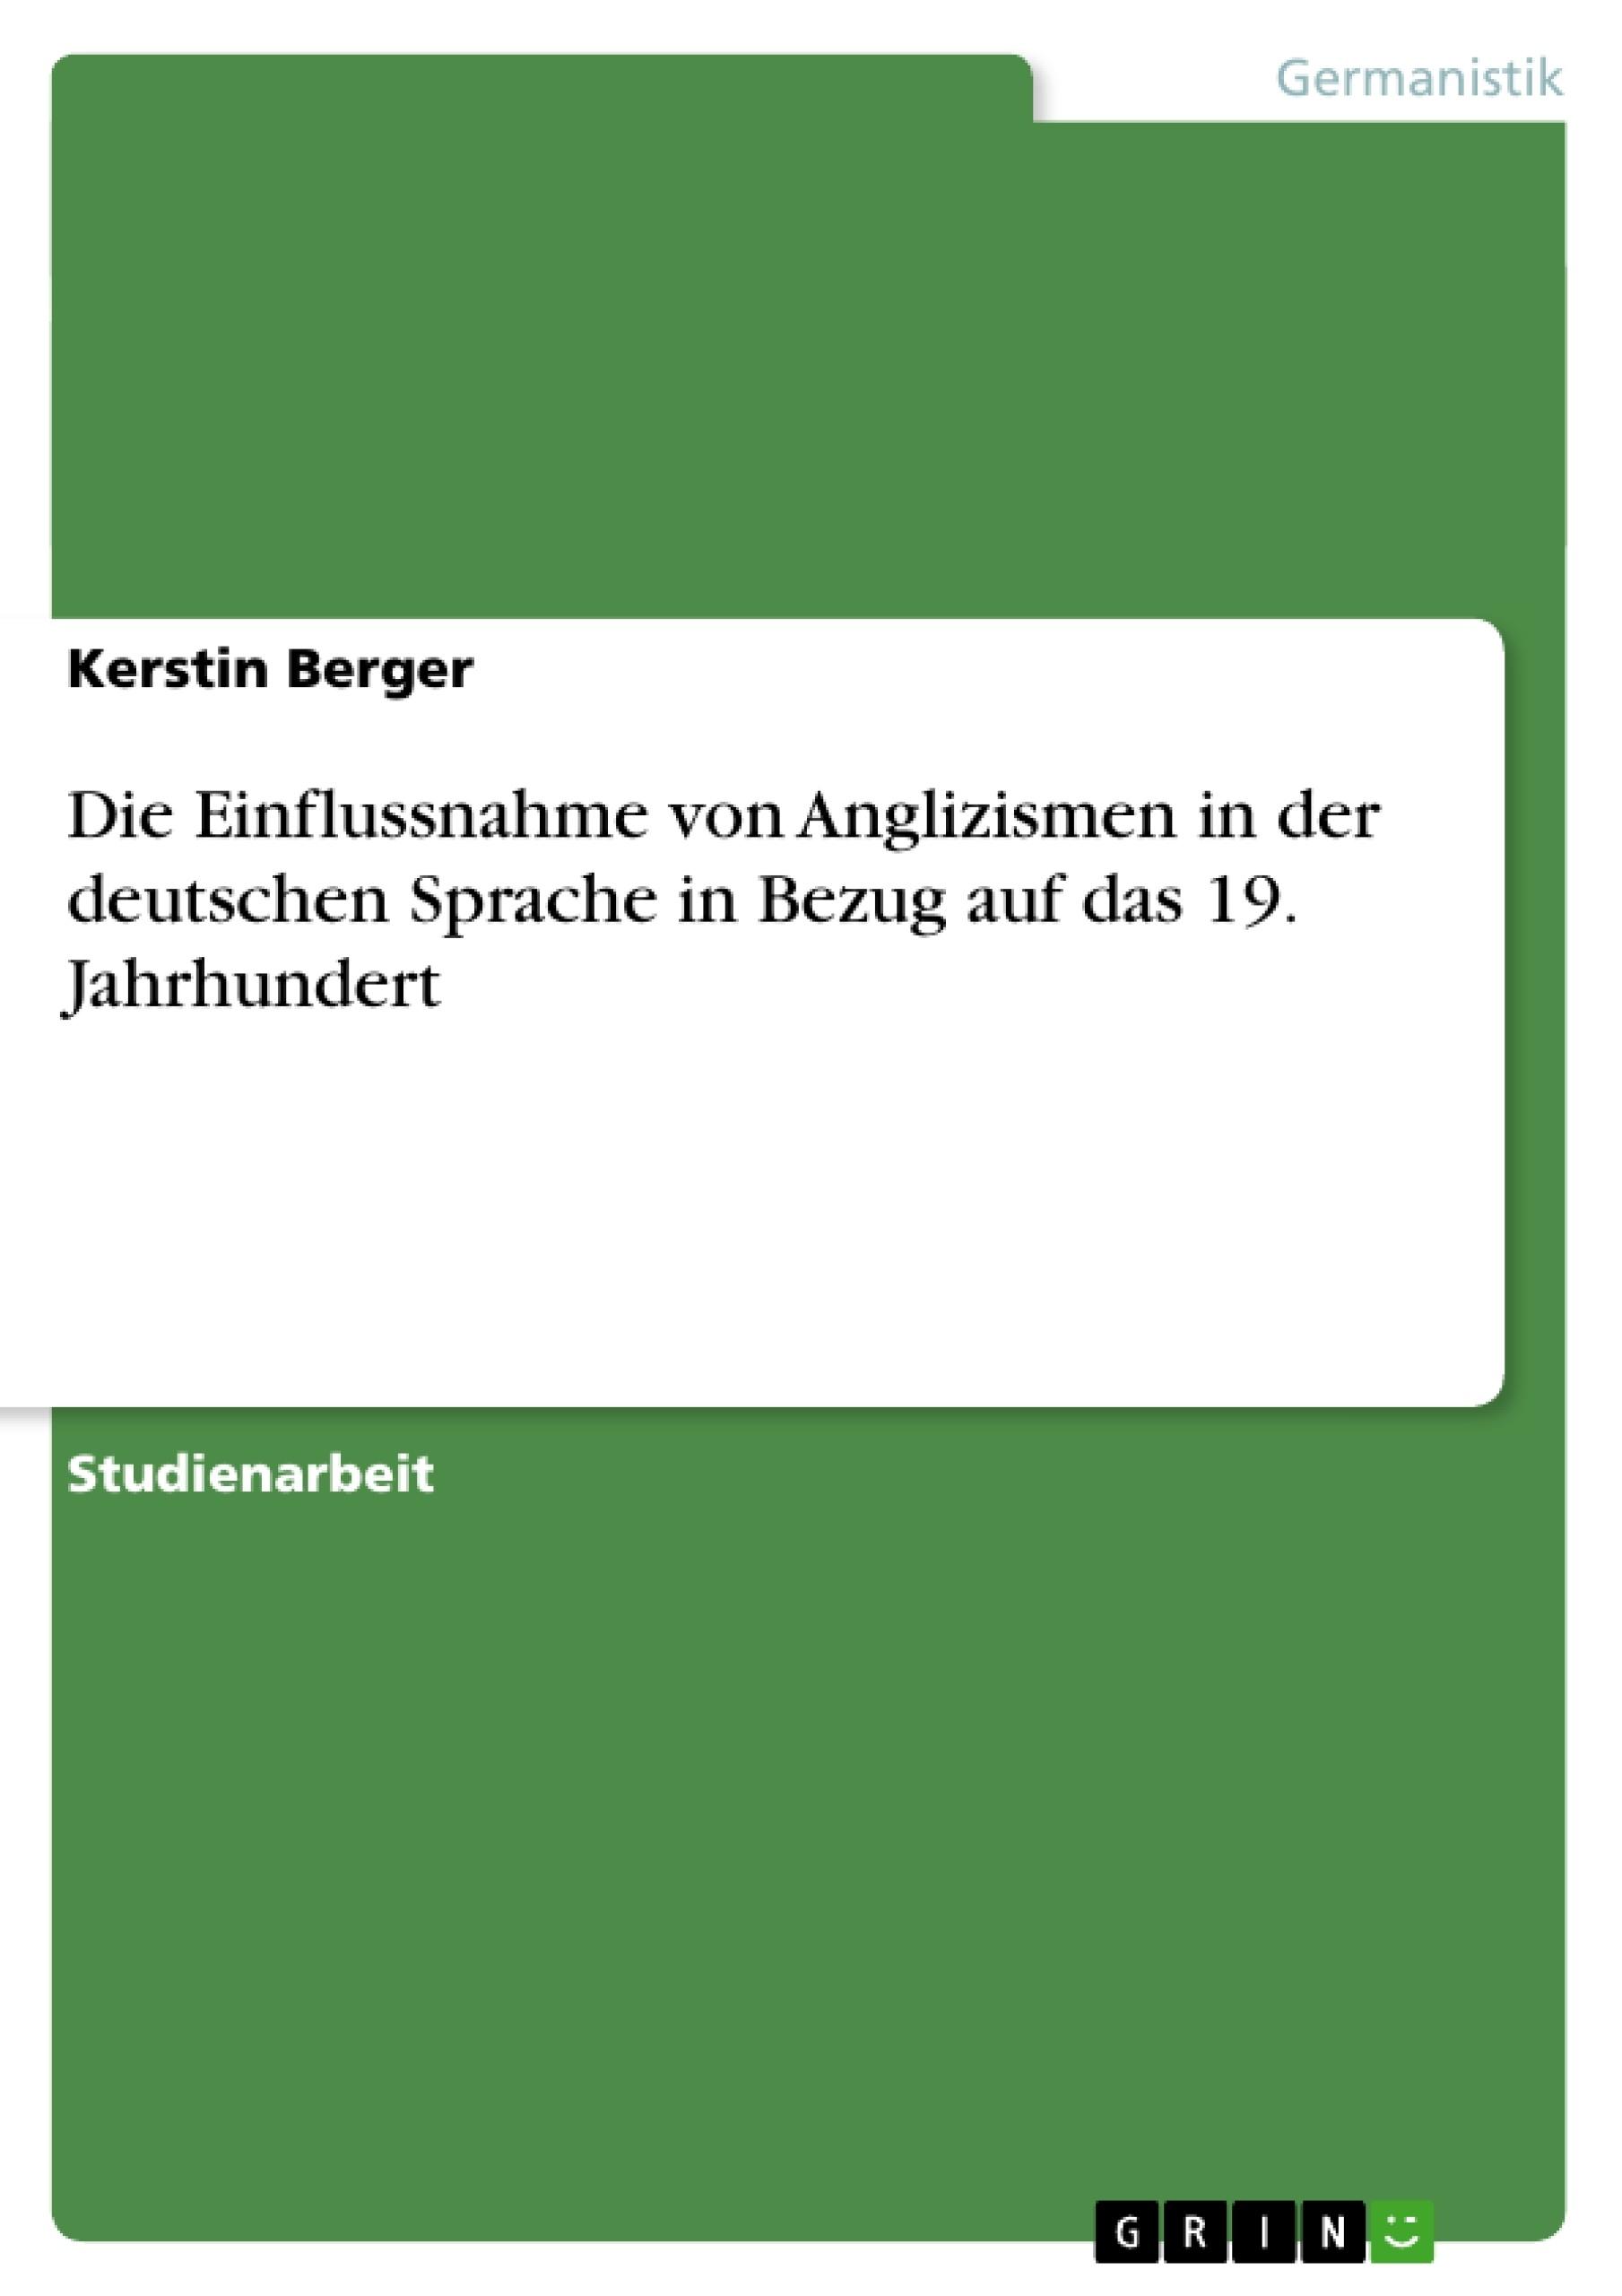 Titel: Die Einflussnahme von Anglizismen in der deutschen Sprache in Bezug auf das 19. Jahrhundert